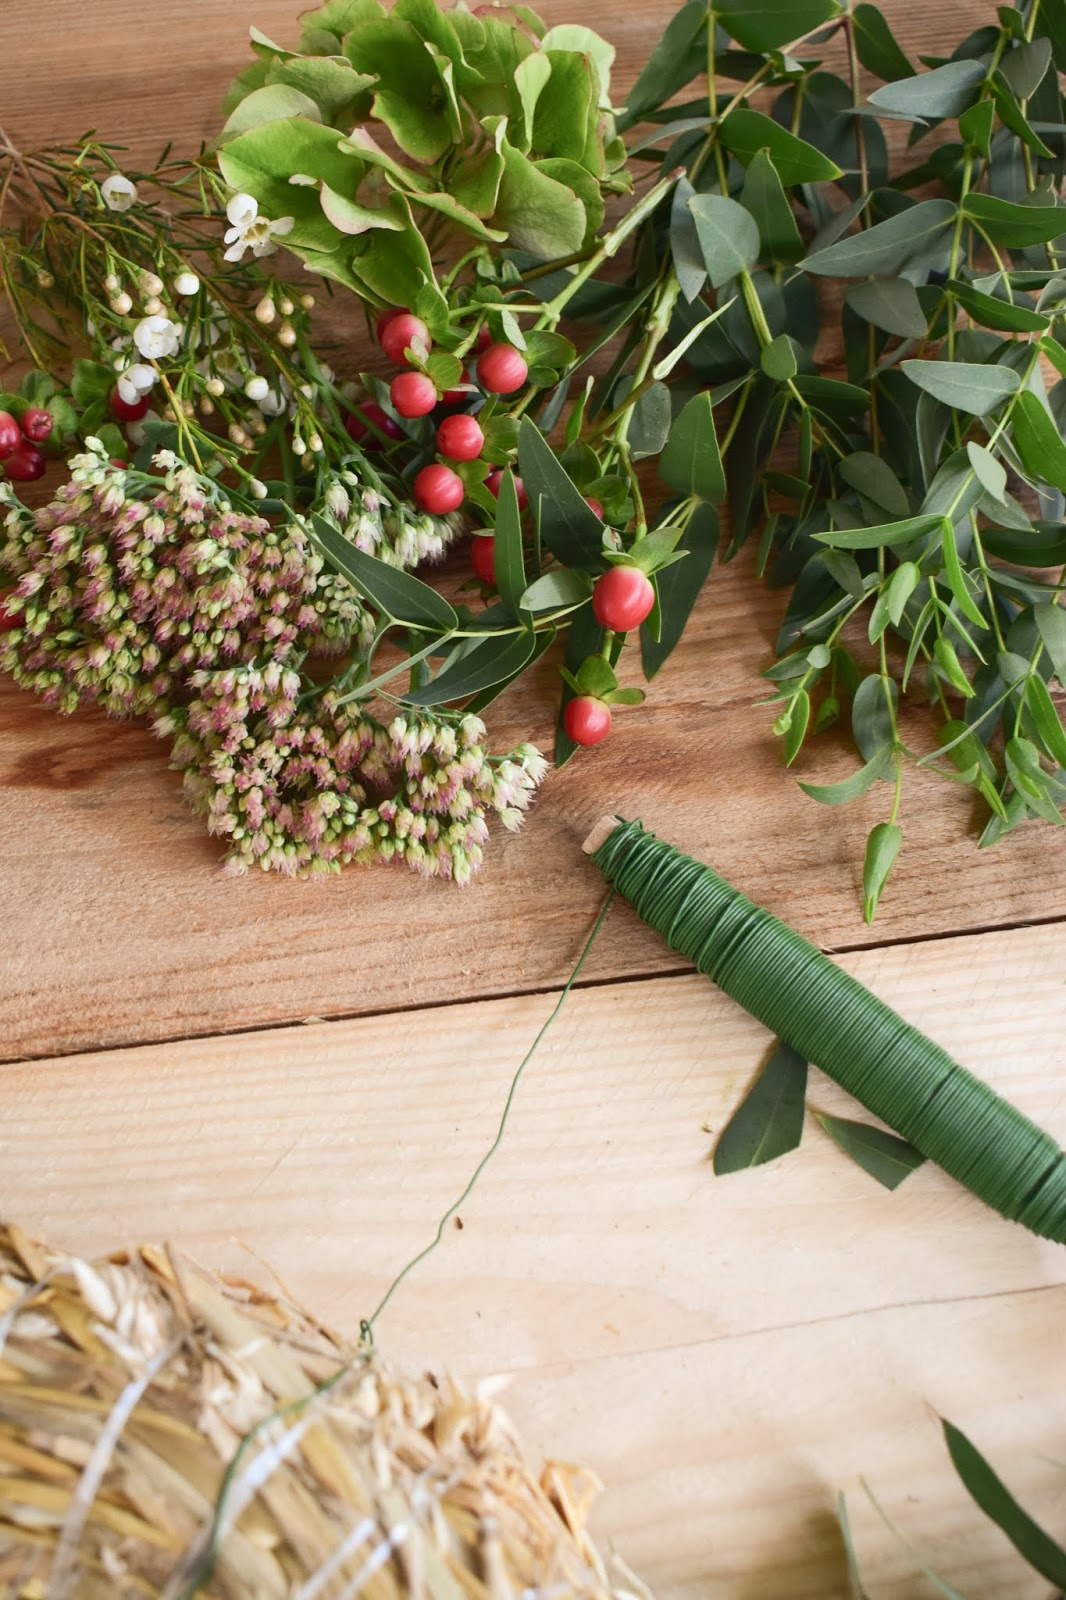 Hortensienkranz mit fetter Henne, Johanniskraut, Wachsblumen, Eukalyptus. Anleitung zum selber binden machen. Dekoidee Herbst Kranz binden für Anfaenger Workshop herbstlich dekorieren kränze DIY